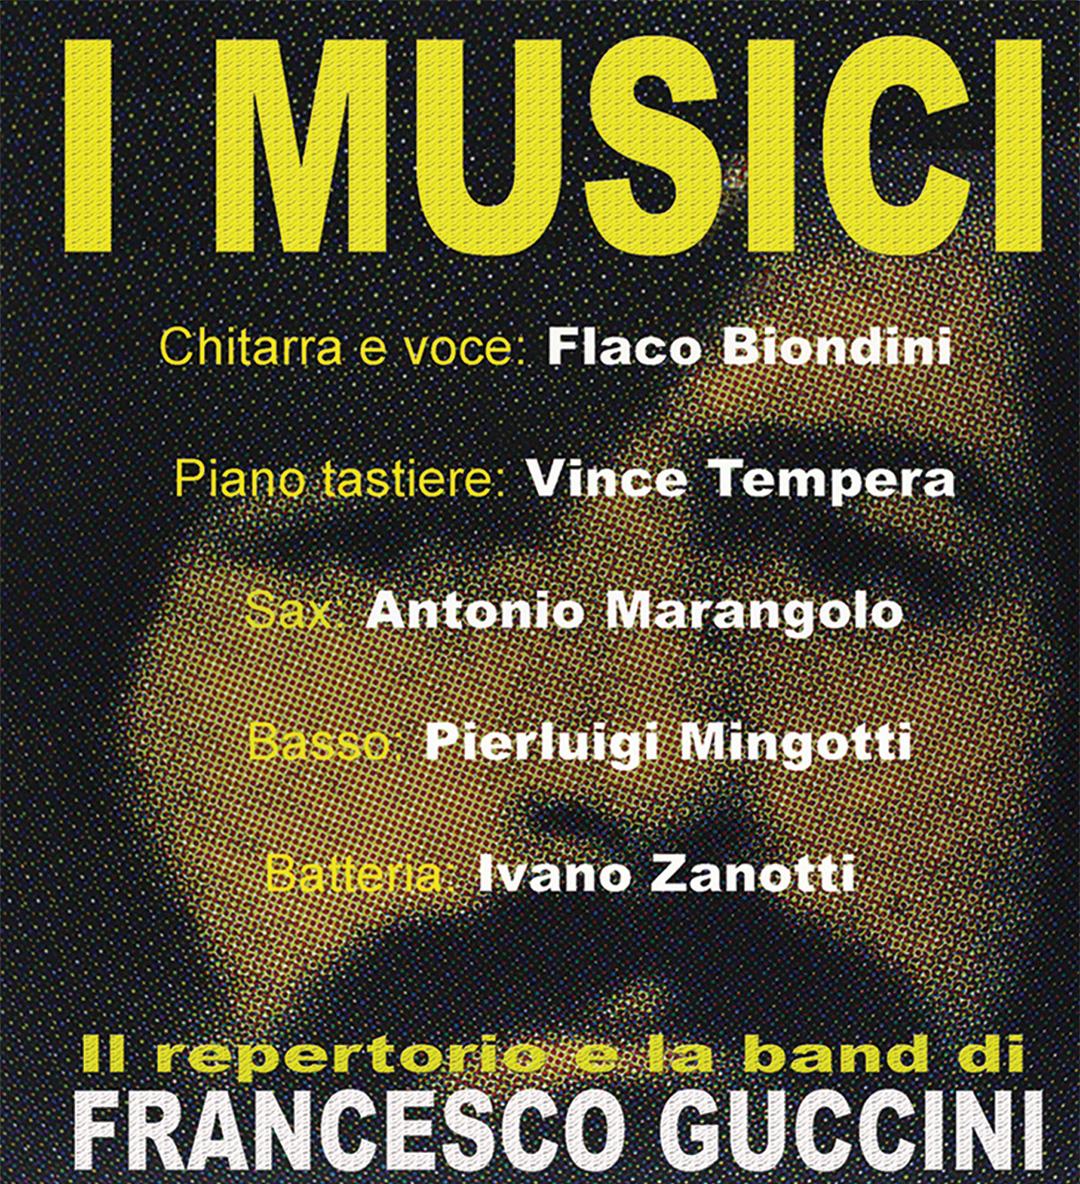 I Musici di Francesco Guccini (rinviato al 21/08/2020)